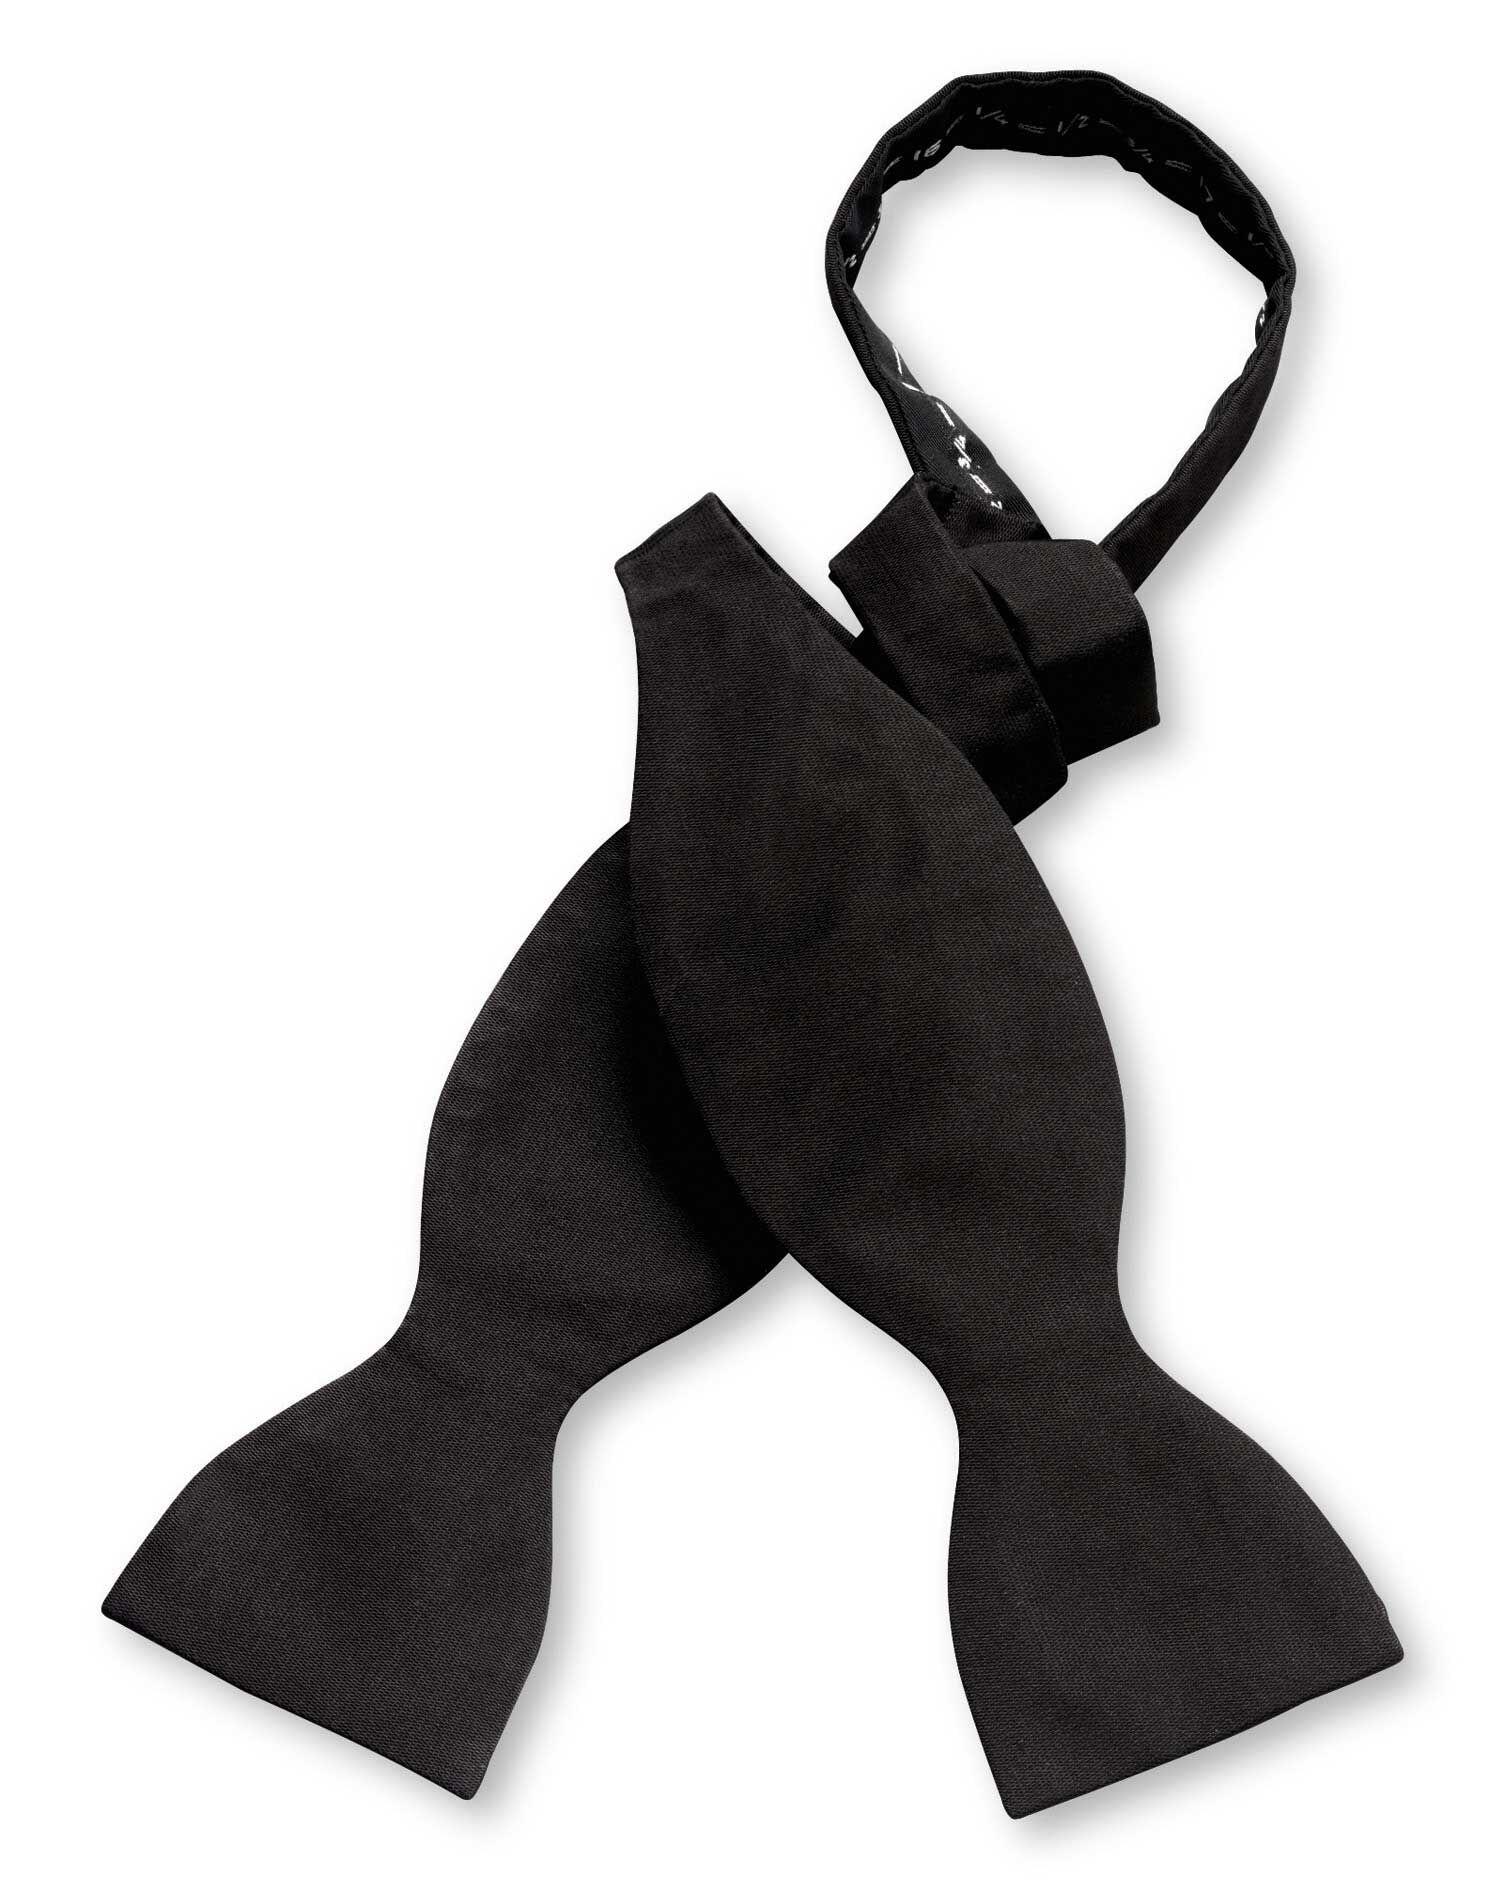 Black Silk Barathea Self-Tie Bow Tie Size OSFA by Charles Tyrwhitt